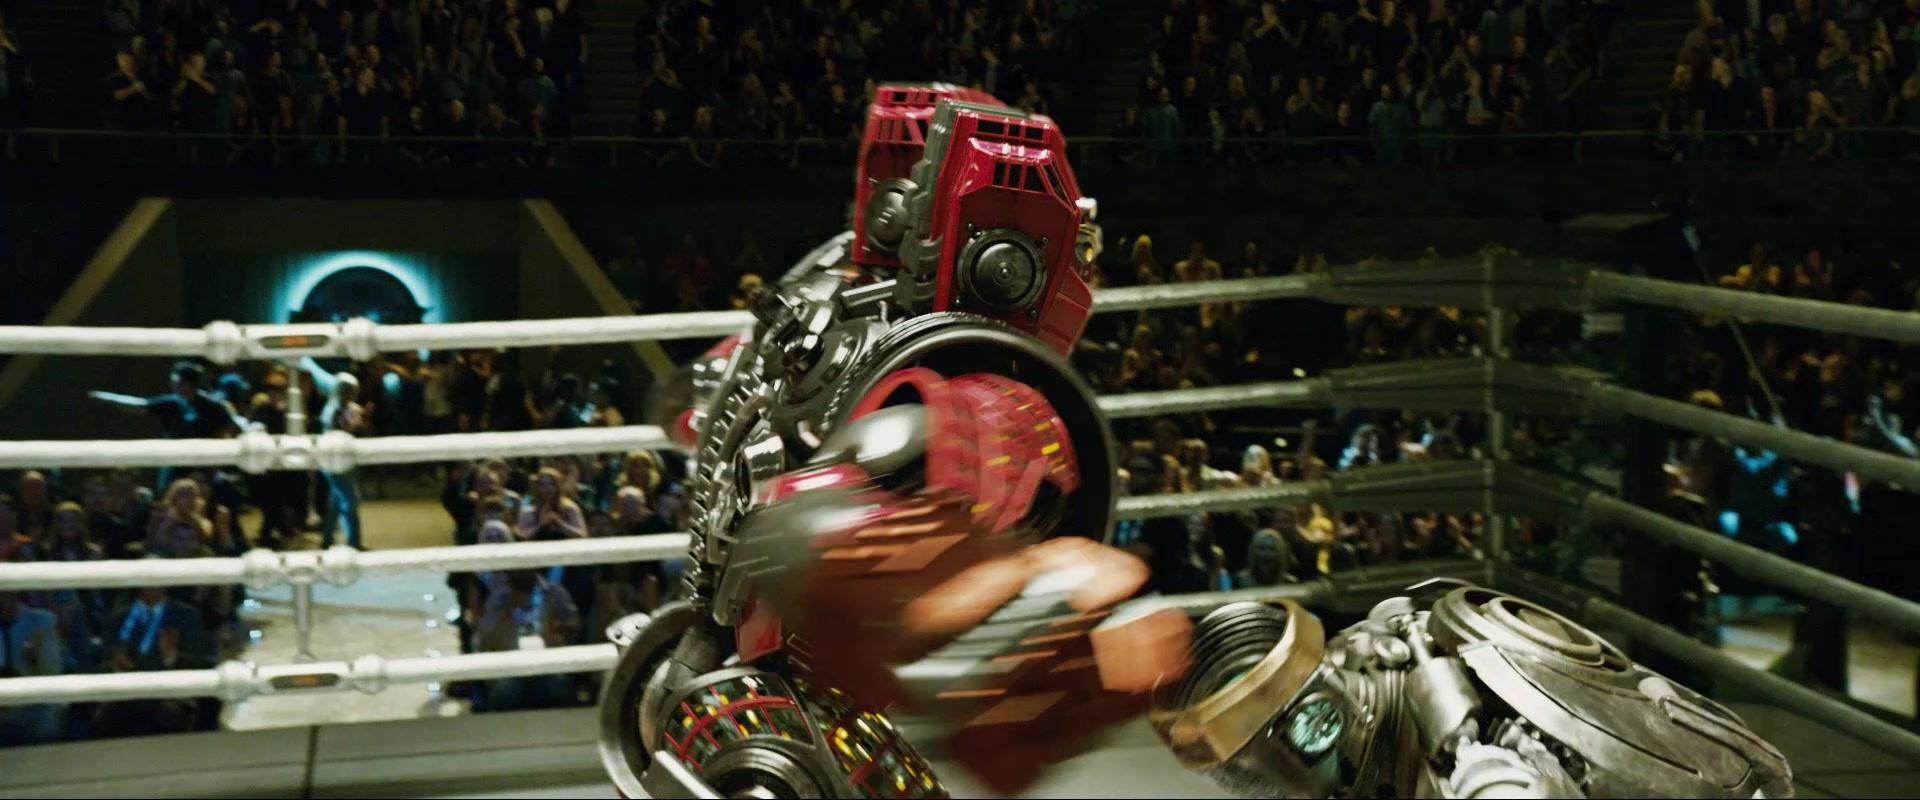 Фильм Живая сталь (2011): описание, содержание, интересные ...